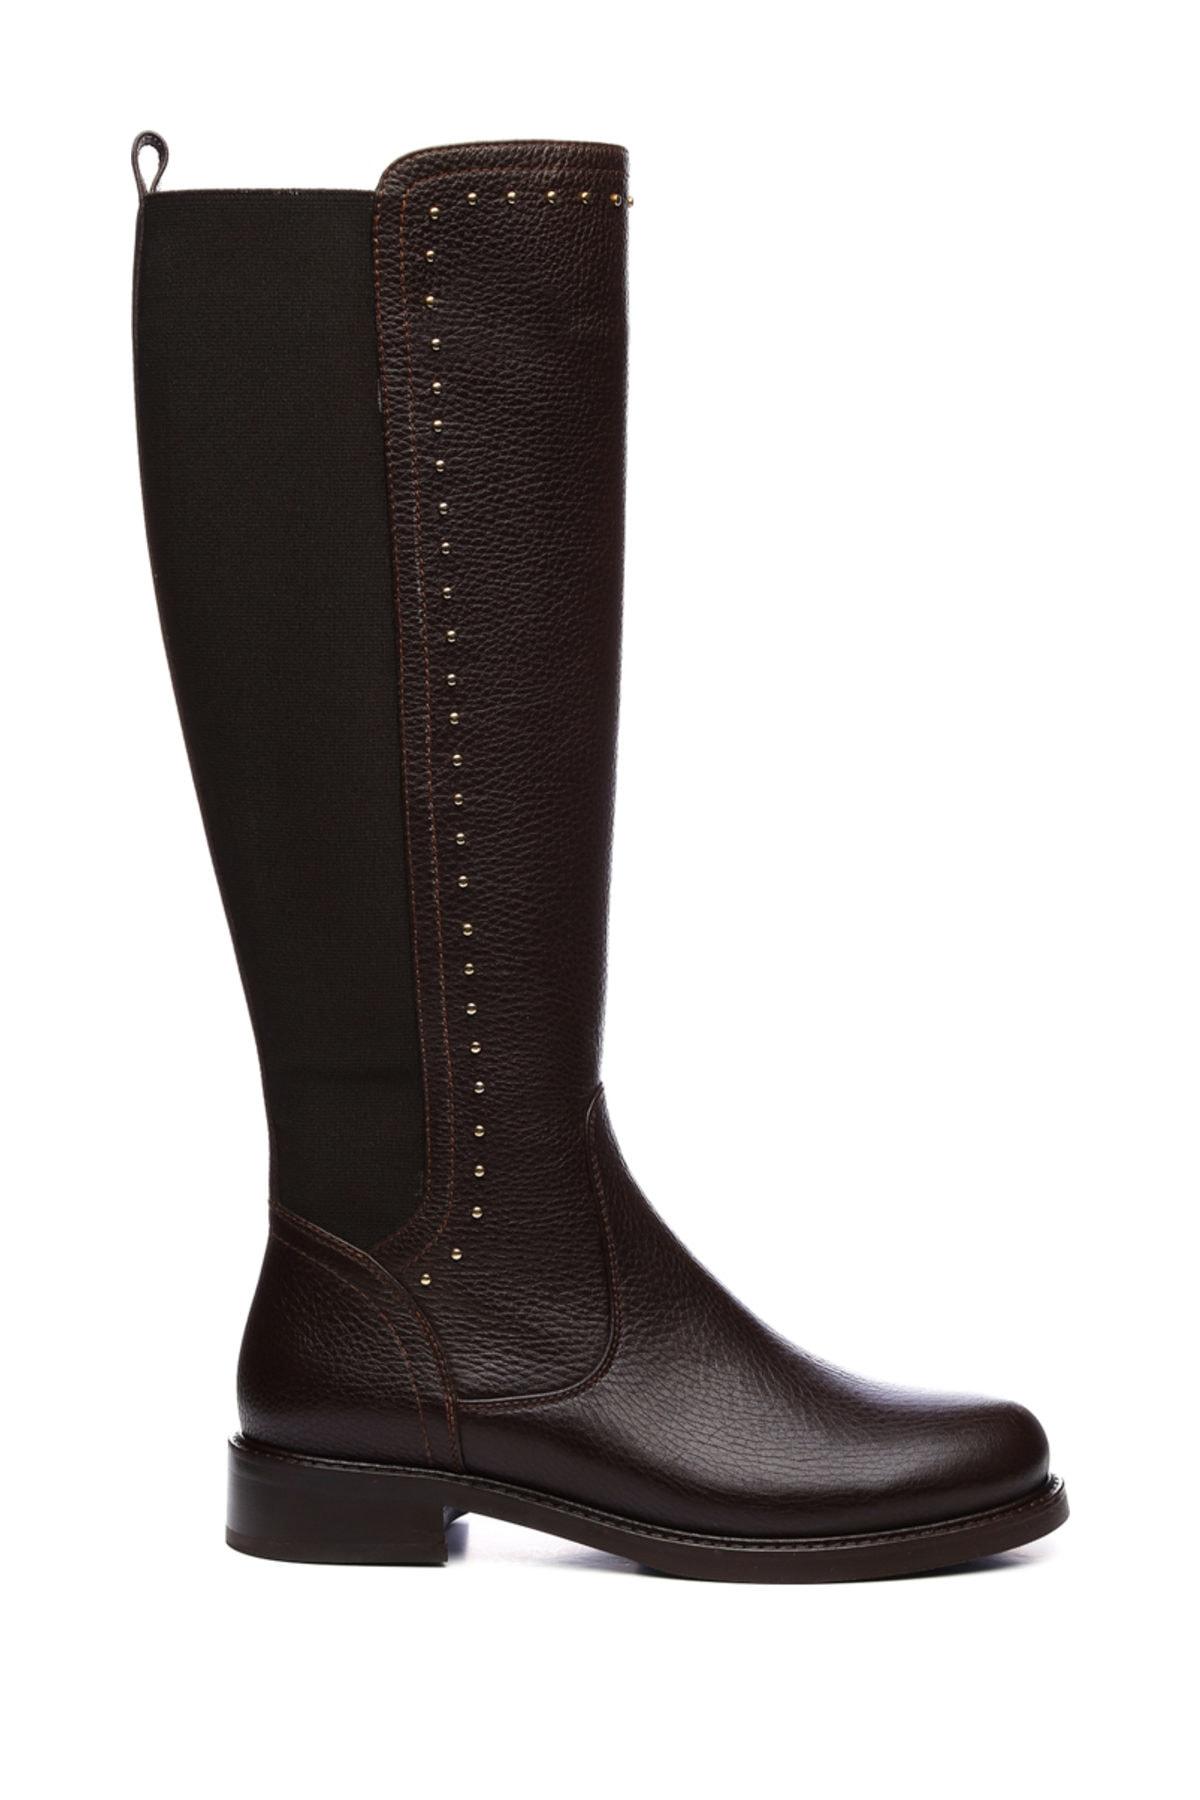 KEMAL TANCA Hakiki Deri Kahverengi Kadın Çizme Çizme 94 6429 C BN CZM 1